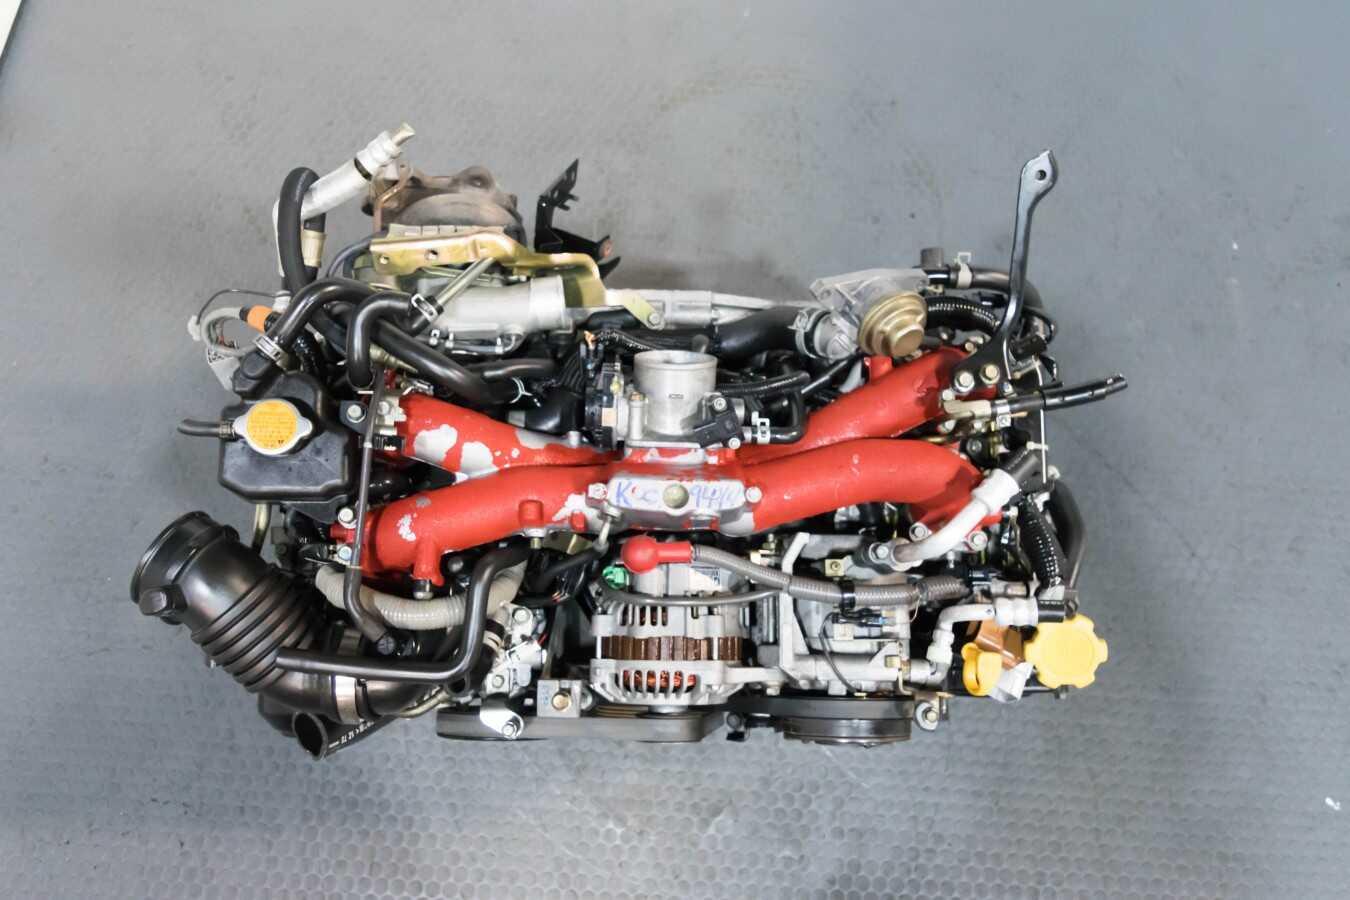 JDM EJ255 Engine Replacement for EJ257 2004-2007 STI/ 2006-2007 WRX